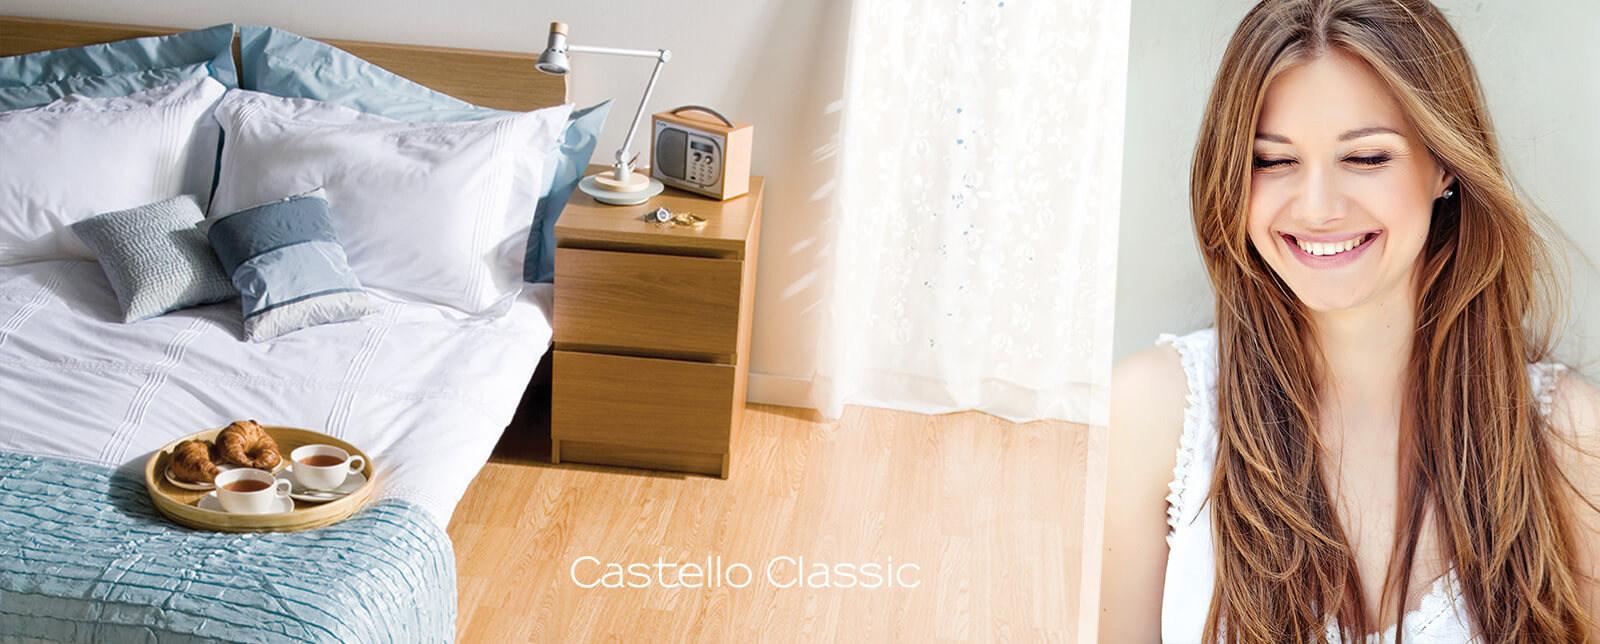 Castelloclassic